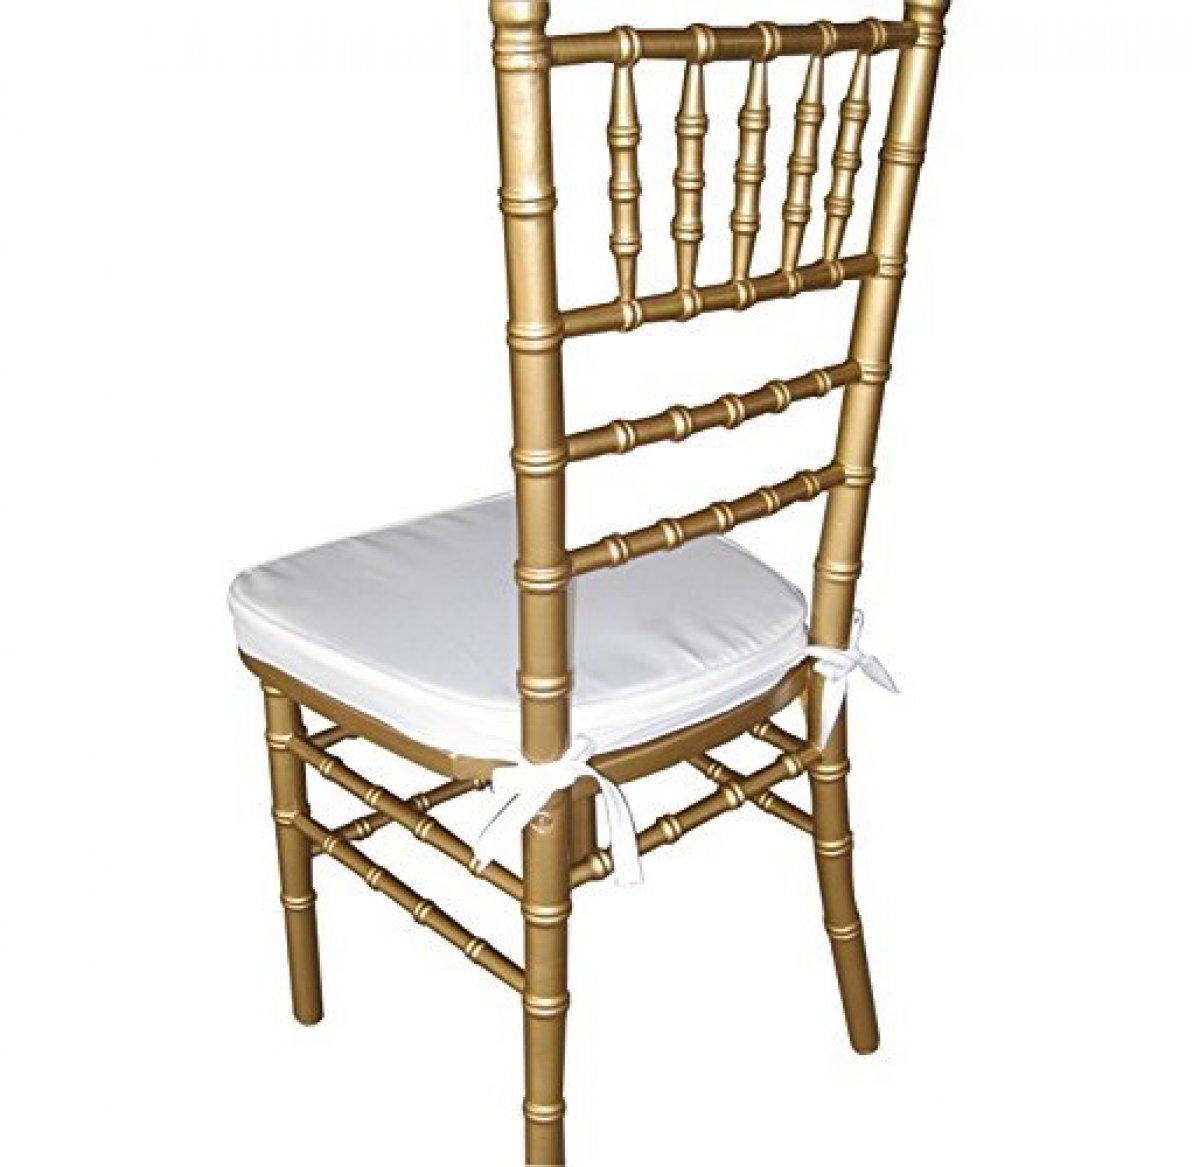 Noleggia sedia chiavarina oro completa di cuscino bianco o nero opera events banqueting e d - Chiavarina sedia ...